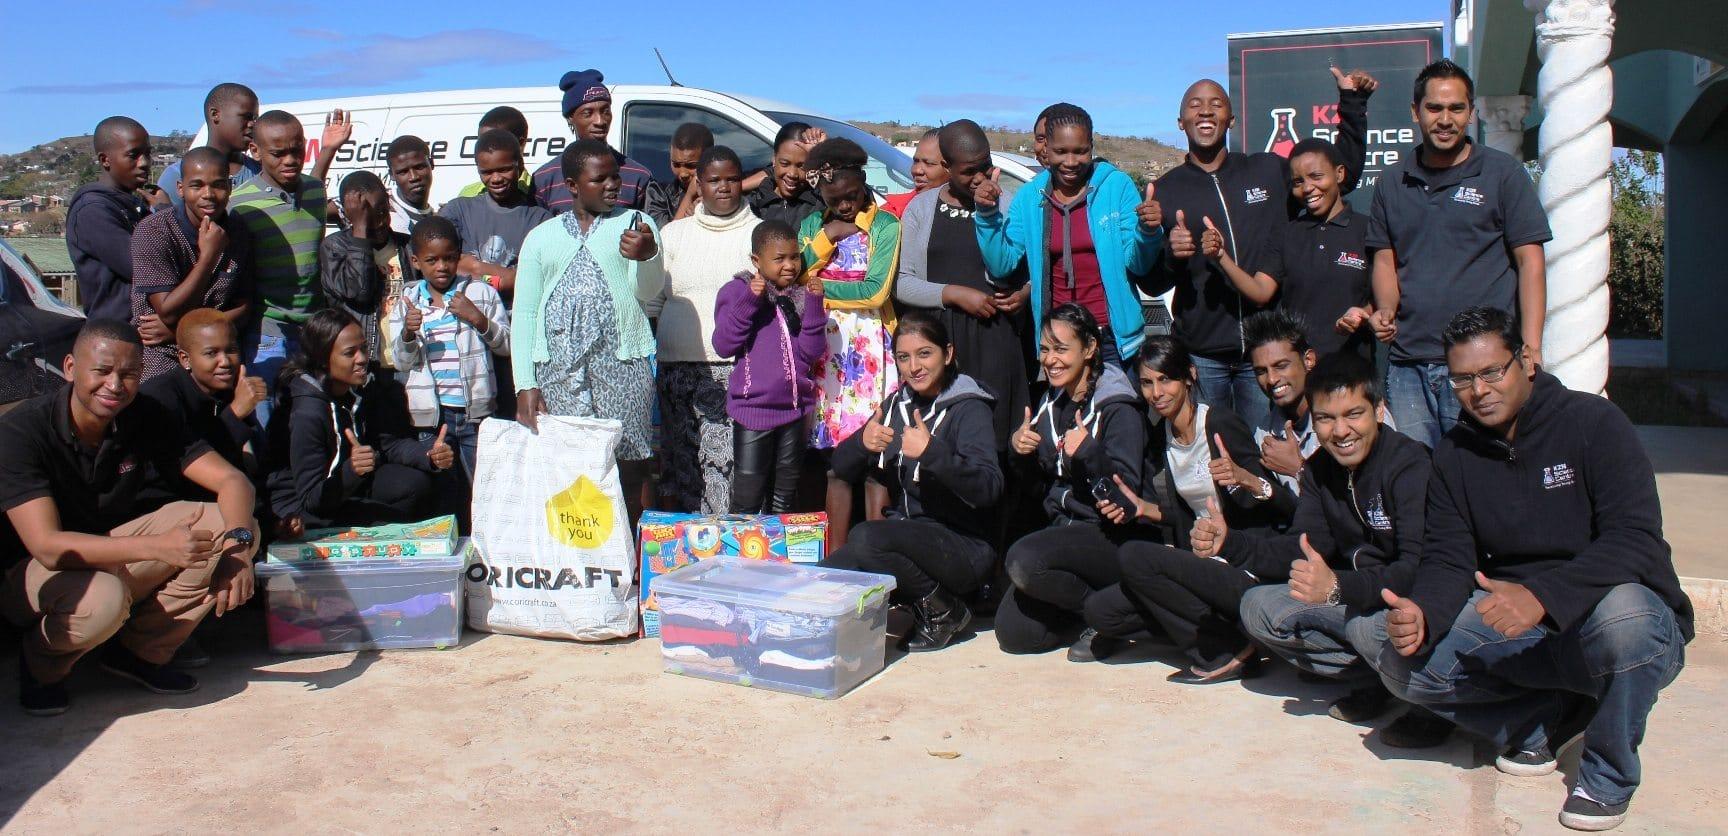 Good Abalindi Children'S Home - The-KZN-Science-Centre-team-at-the-Abalindi-Childrens-Home-in-Inanda-on-July-17-for-Mandela-Day  Snapshot_714563.jpg